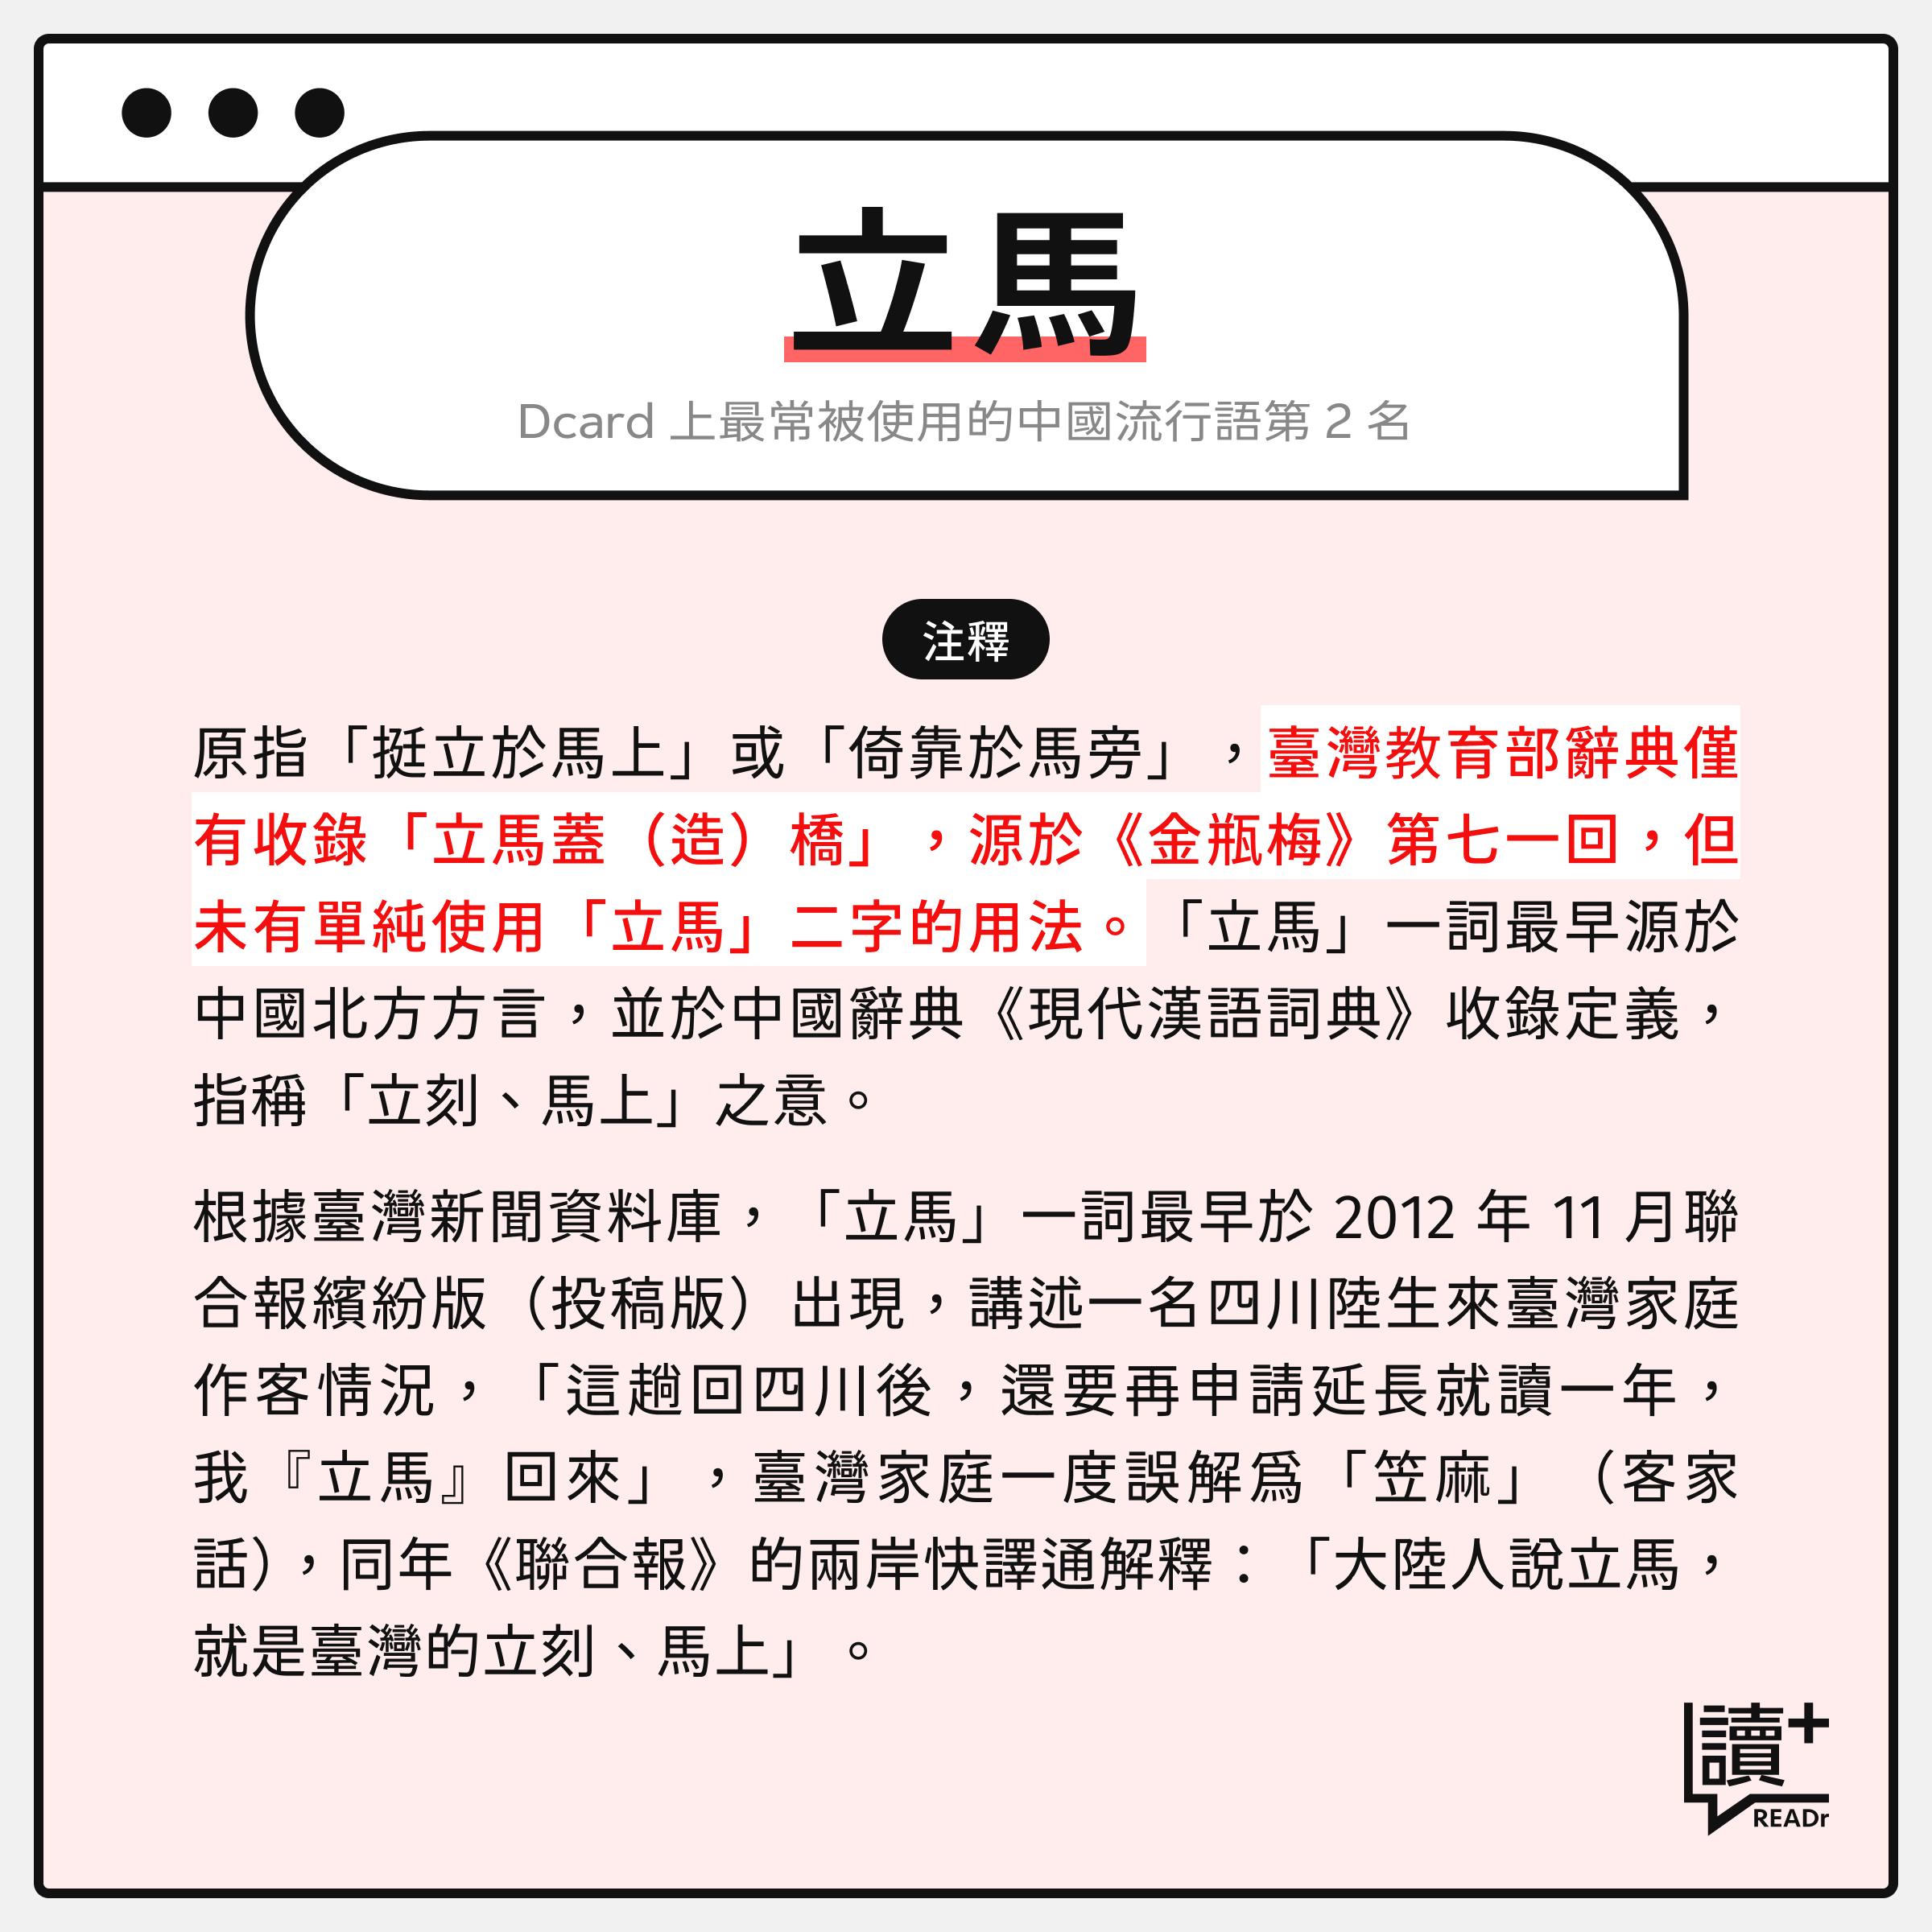 中國流行語詞彙:立馬